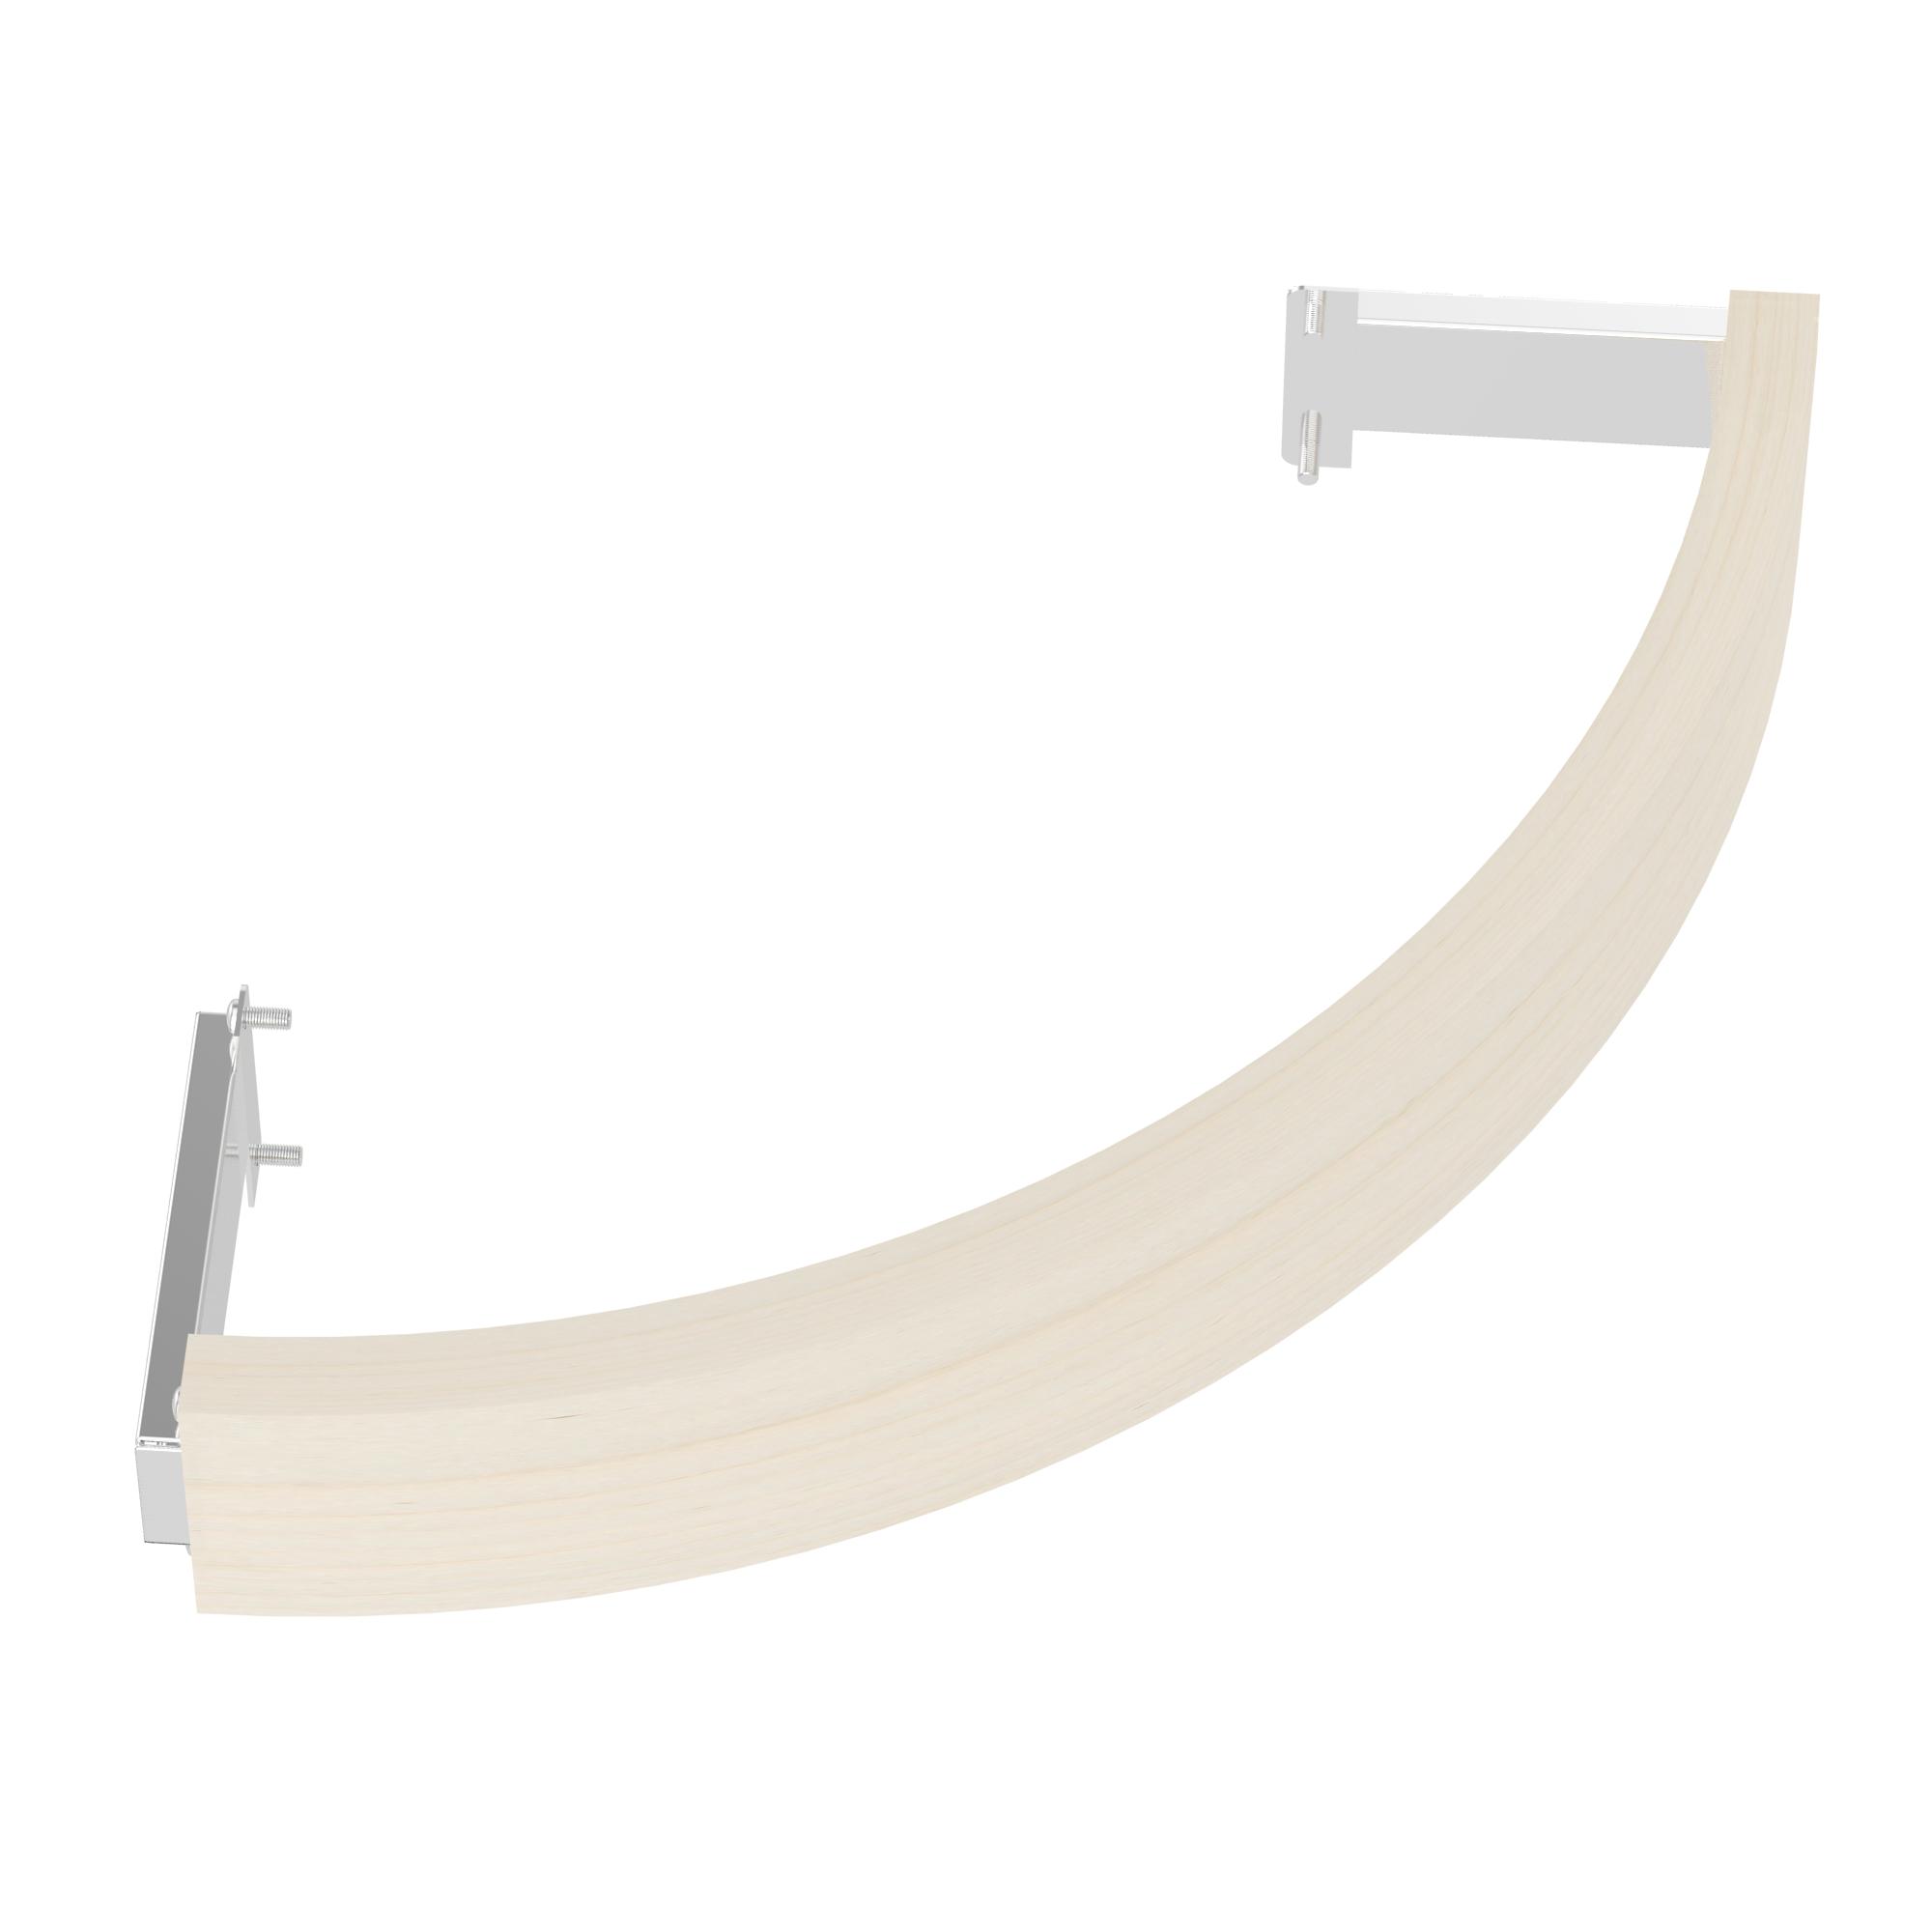 Ограждения и коврики: Деревянное ограждение SAWO TH-GUARD-W2-CNR-A для печи угловой установки TOWER TH2 и TH3 (осина) ограждения и коврики деревянное ограждение sawo th guard w2 cnr d для печи угловой установки tower th2 и th3 кедр